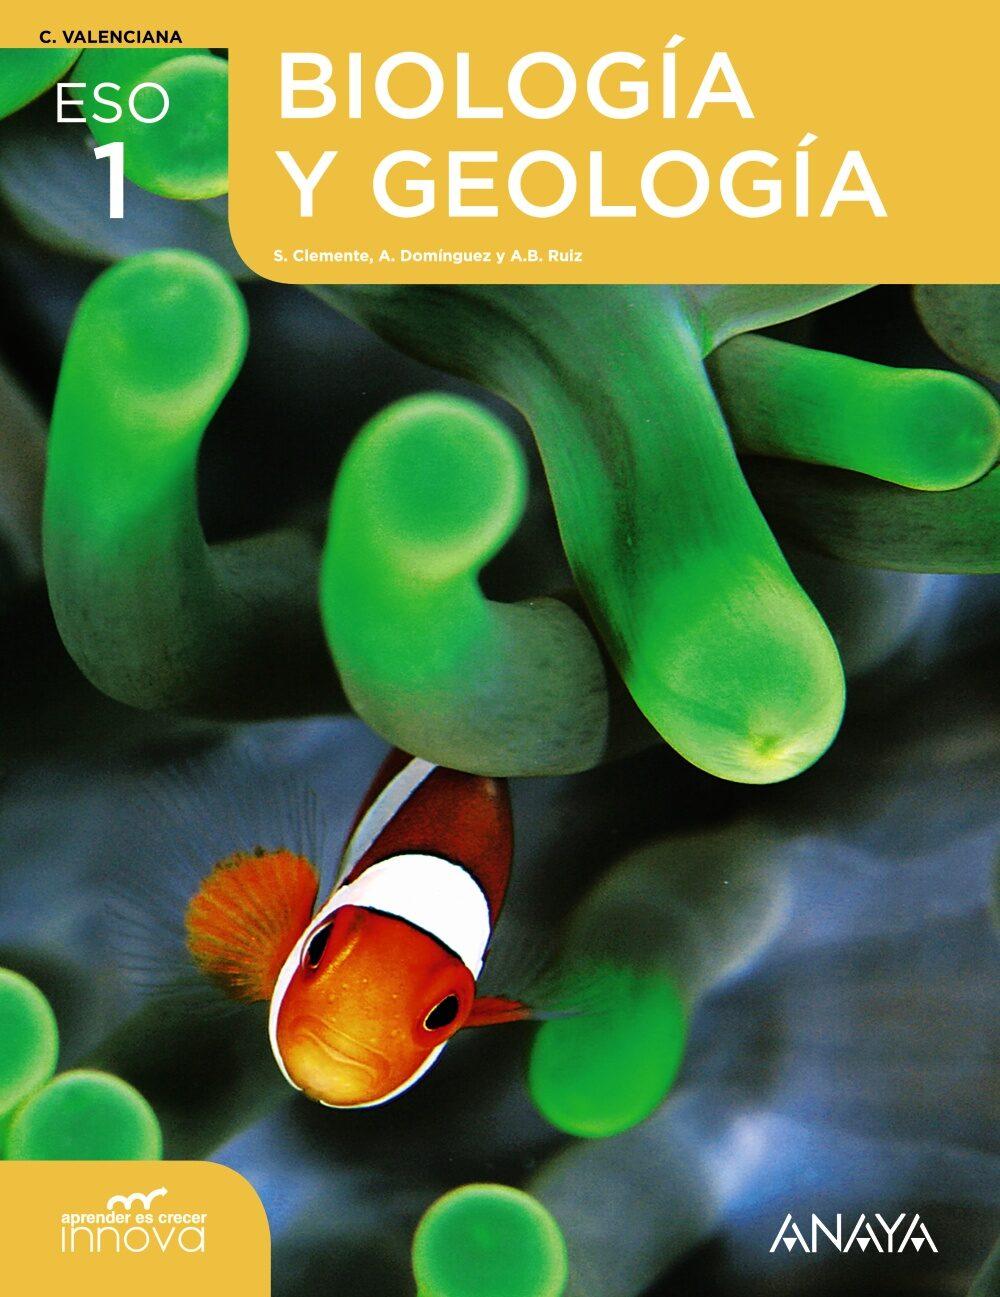 descargar BIOLOGIA GEOLOGIA 1º ESO VALENCIA APRENDER CRECE R pdf, ebook